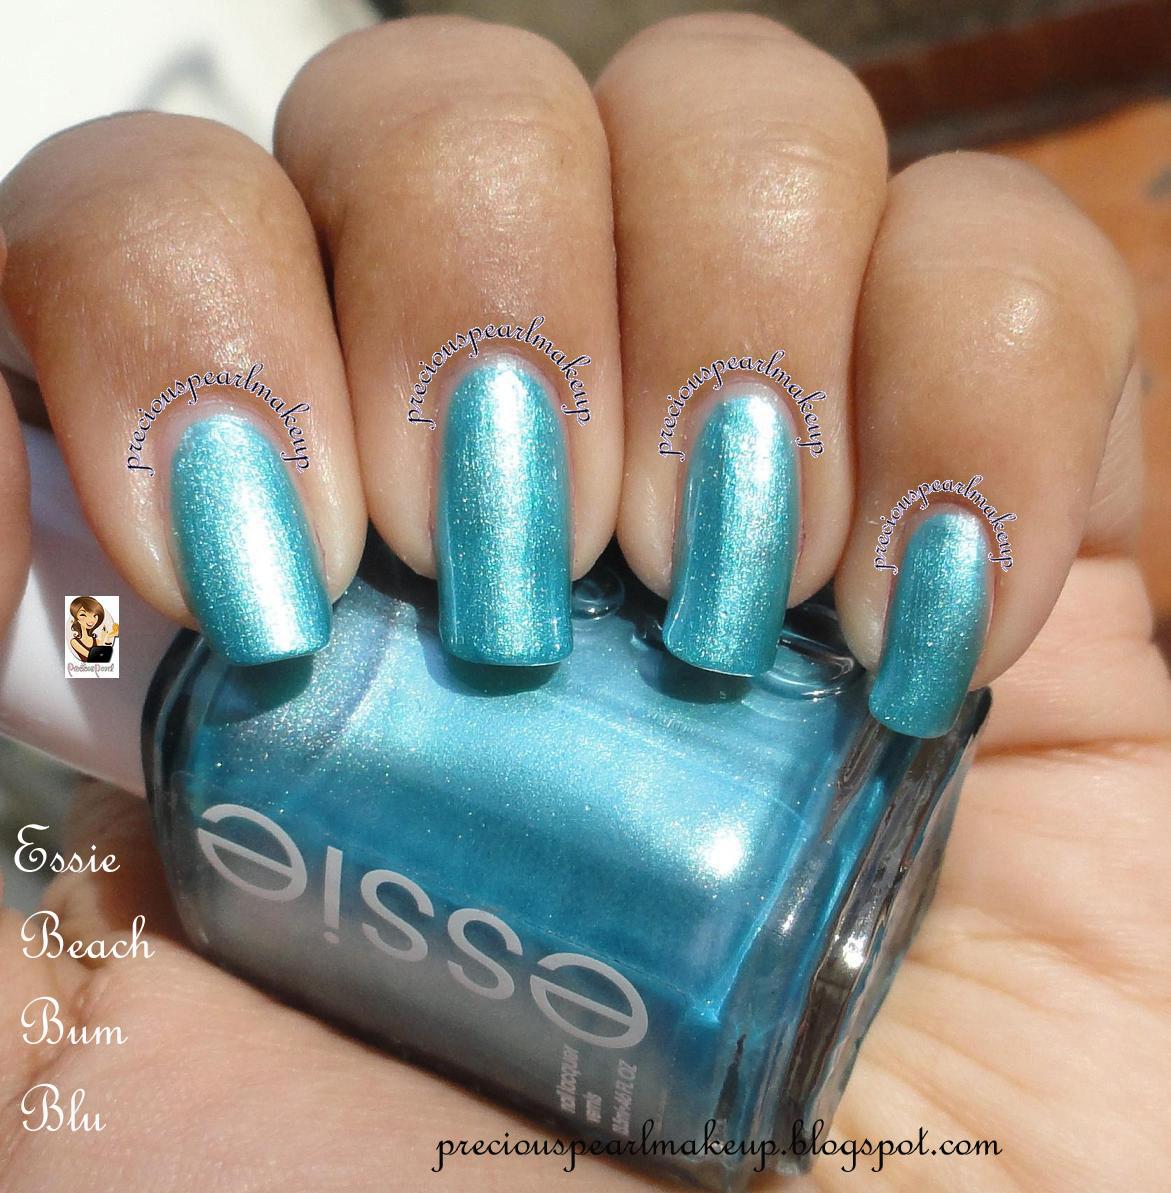 preciouspearlmakeup: Essie Nail Lacquer Beach Bum Blu